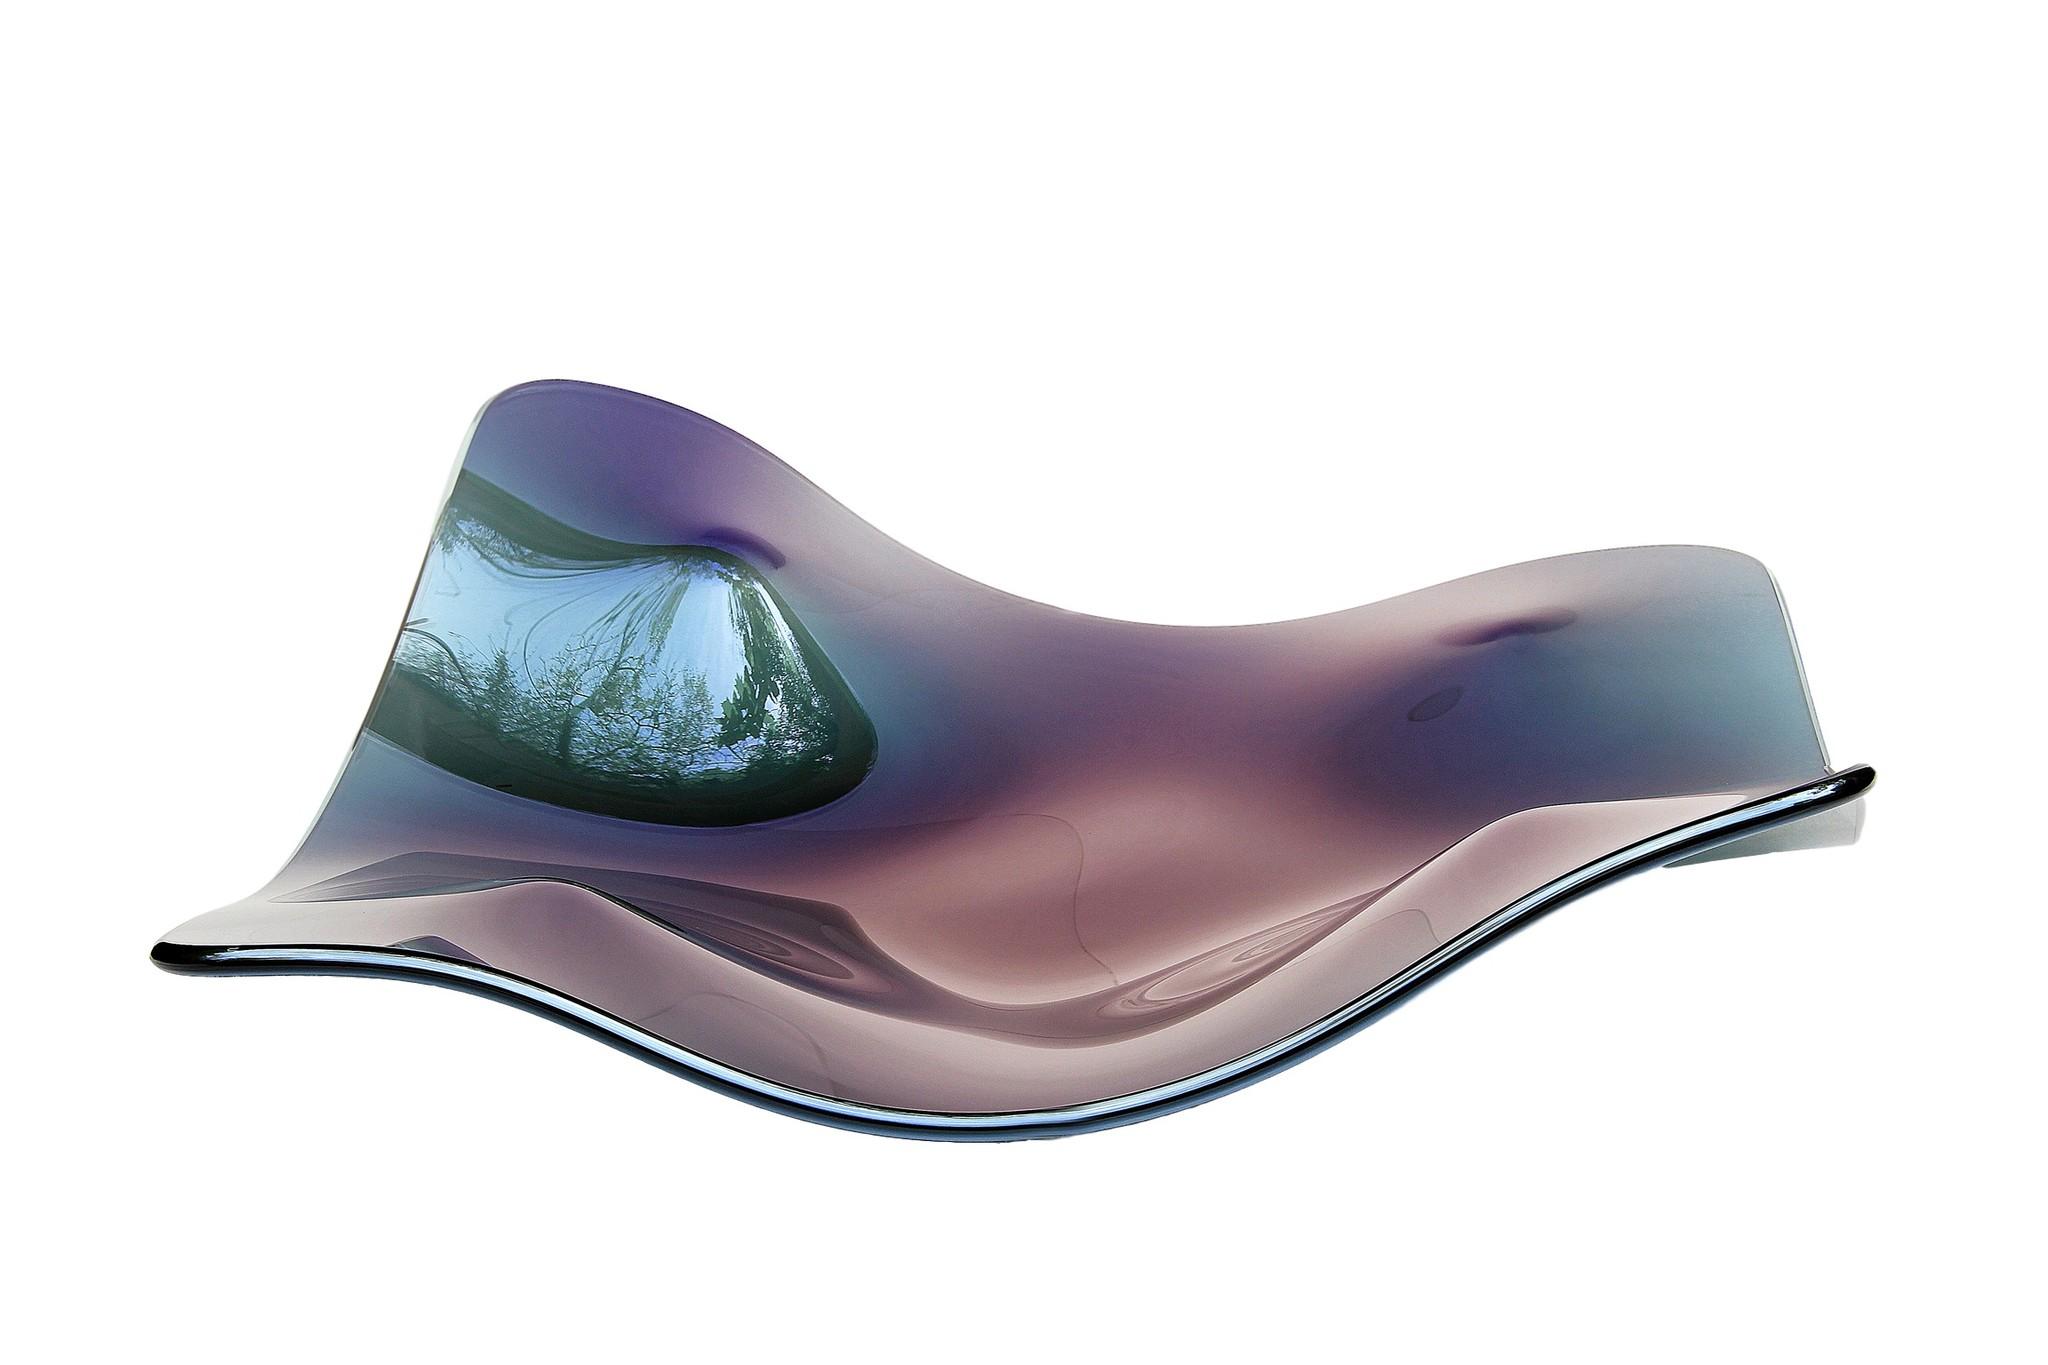 Ваза MantaДекоративные блюда<br>Manta Indigo - это симбиоз стихий и иллюзий, которые завораживают с первого взгляда. Удивительный арт-объект покоряет своей легкостью и в тоже время недоступностью, ведь цветовое решение этого объекта покоряет и гипнотизирует. Словно тысячи планет и созвездий сочетаются на одной поверхности этого творения мастерской братьев Фомичевых. Впечатляет не только форма и цветовое решение Manta Indigo, но и ее функциональность, ведь она с легкостью может стать украшением любого обеденного стола.<br><br>kit: None<br>gender: None